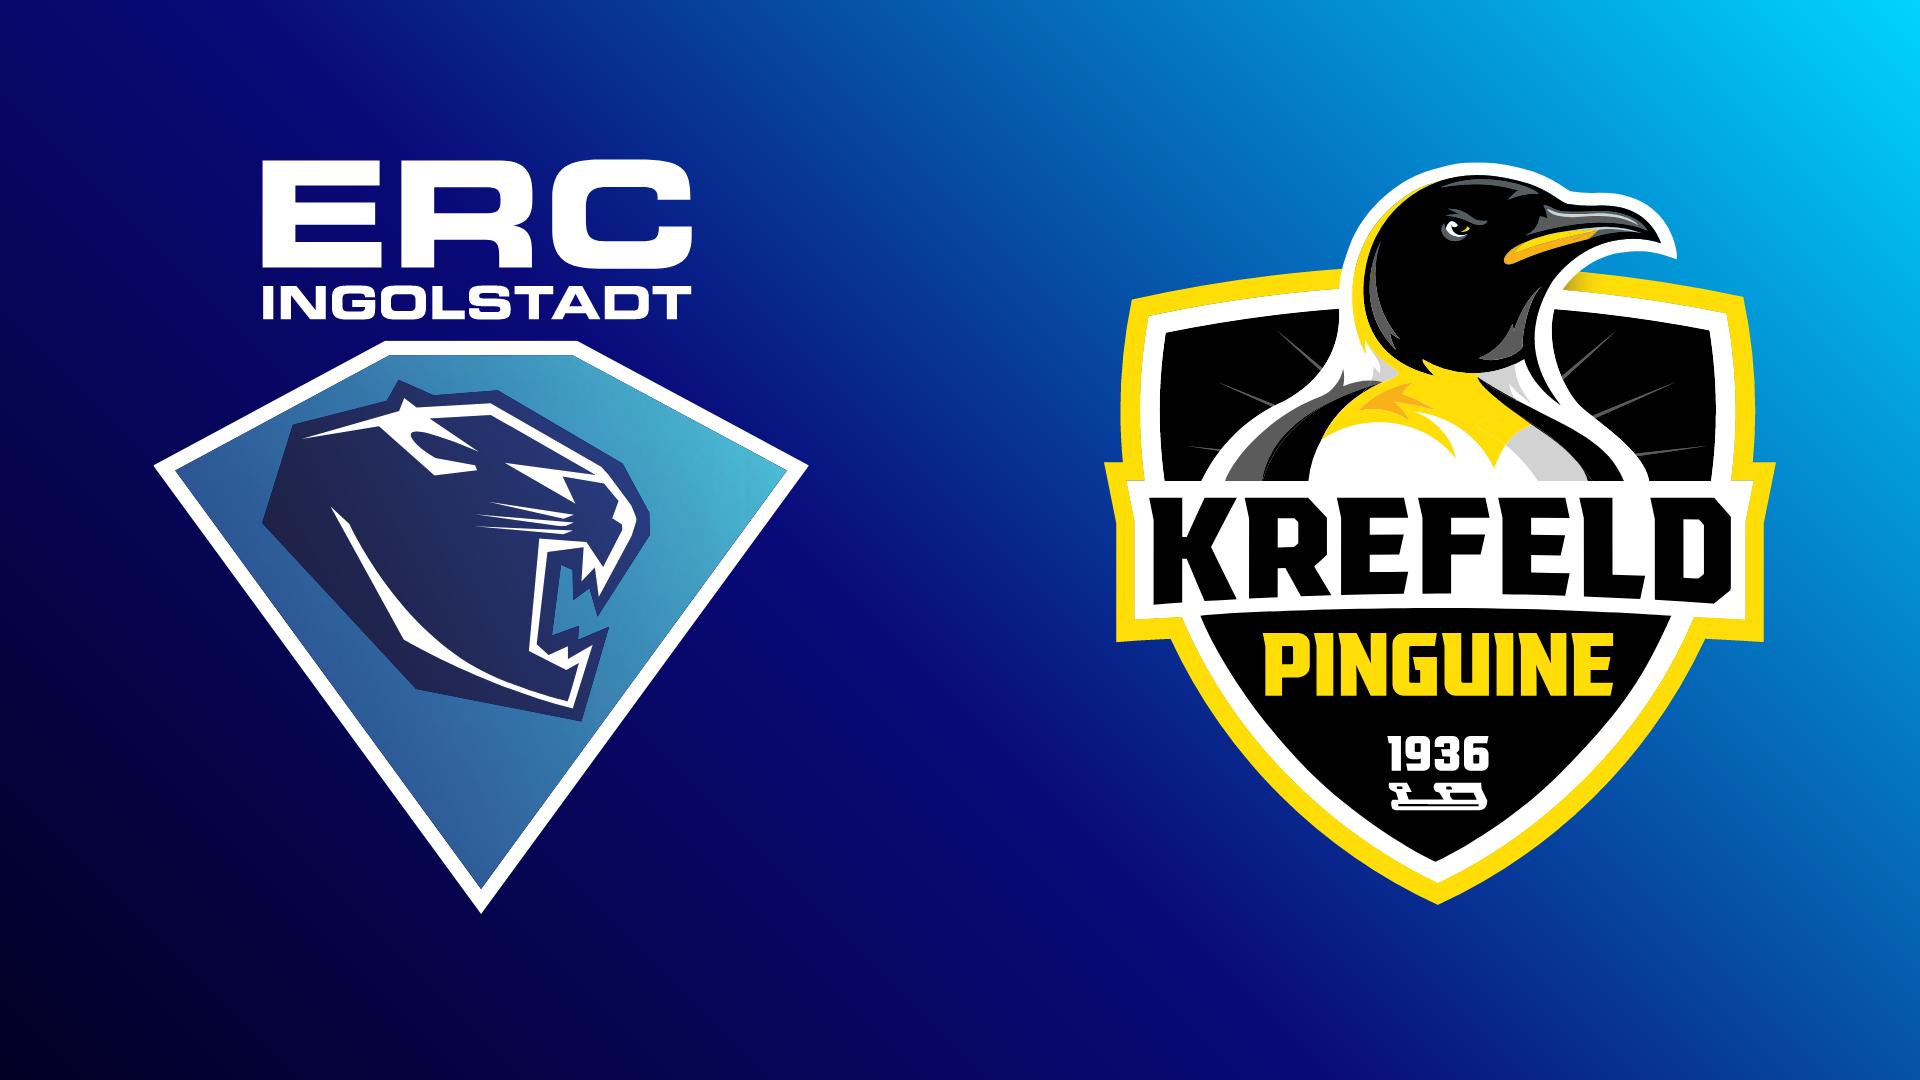 ERC Ingolstadt - Krefeld Pinguine 19.10.2021 um 19:15 Uhr auf Magenta Sport